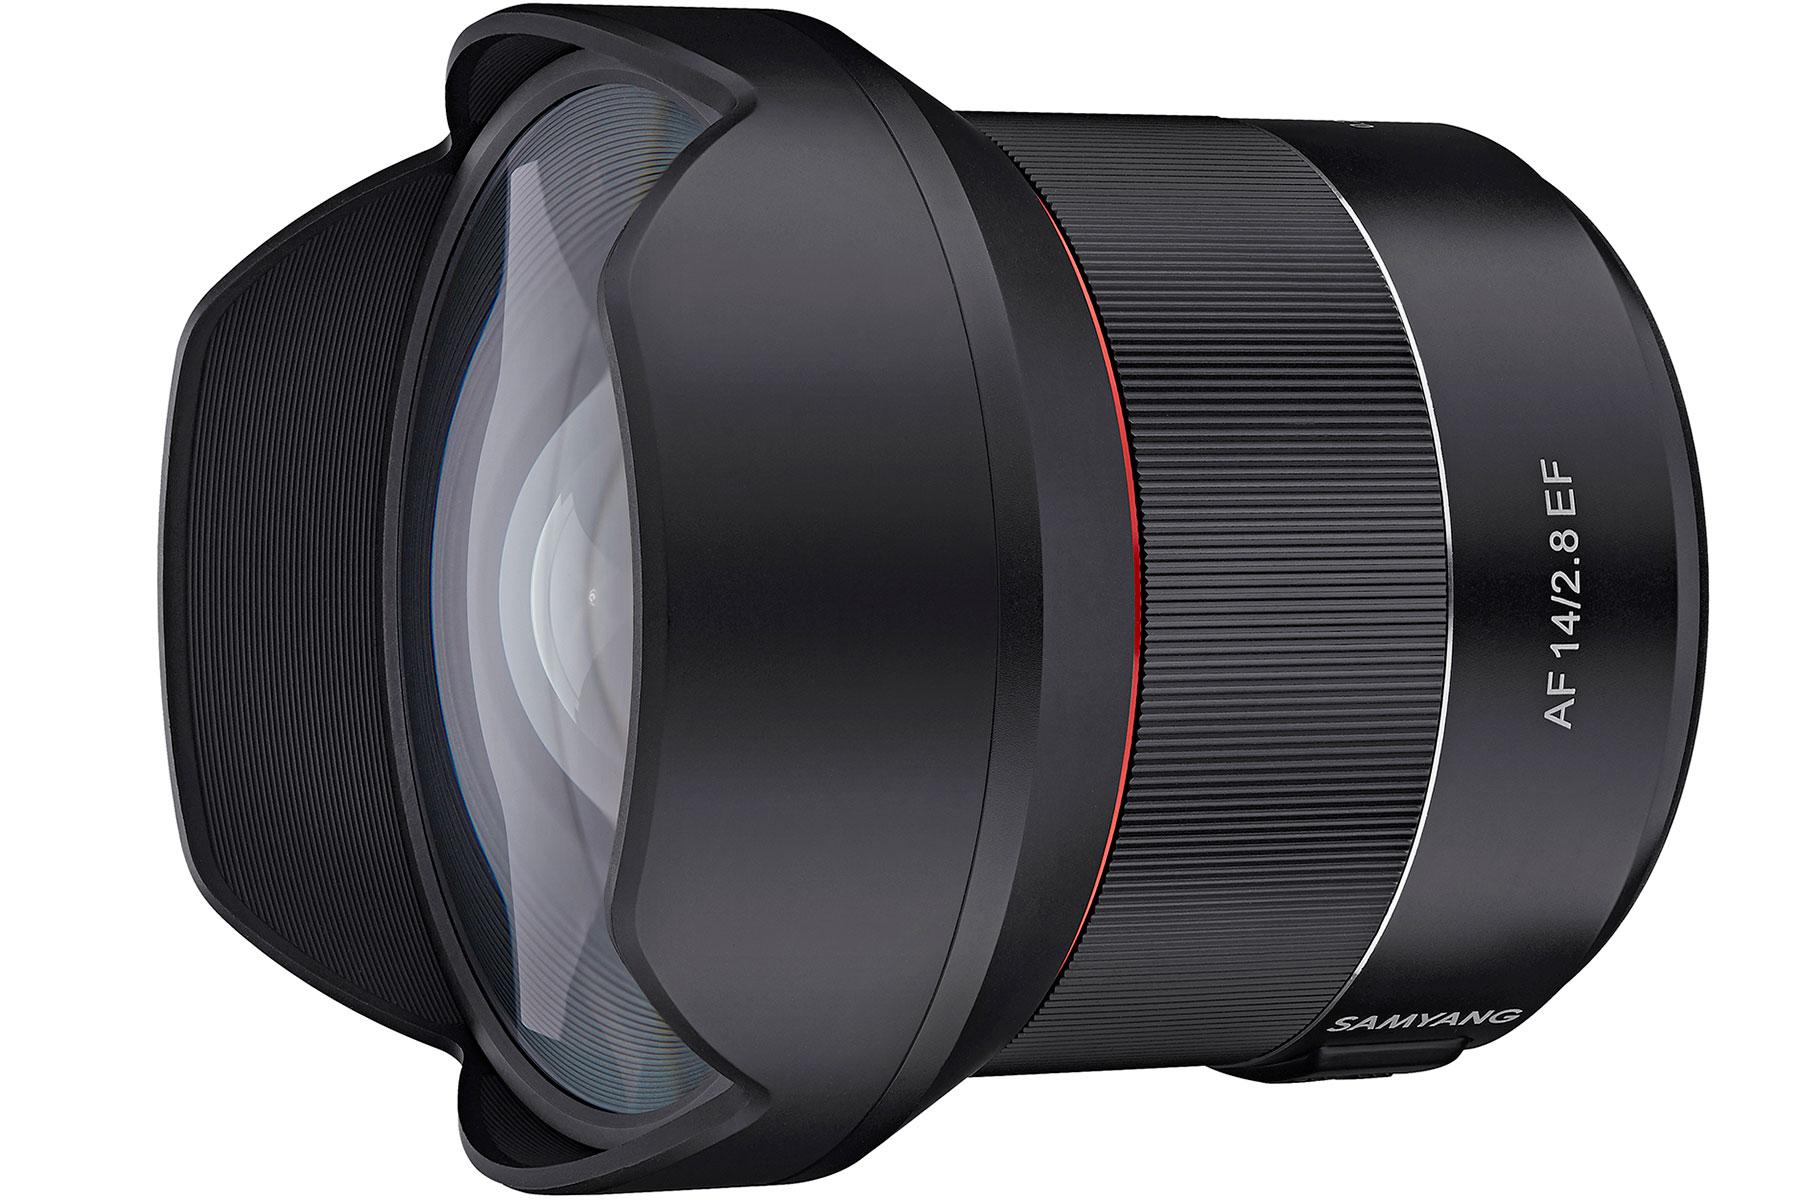 Samyang AF 14mm F2.8 EF for Canon full-frame DSLRs - Amateur ...